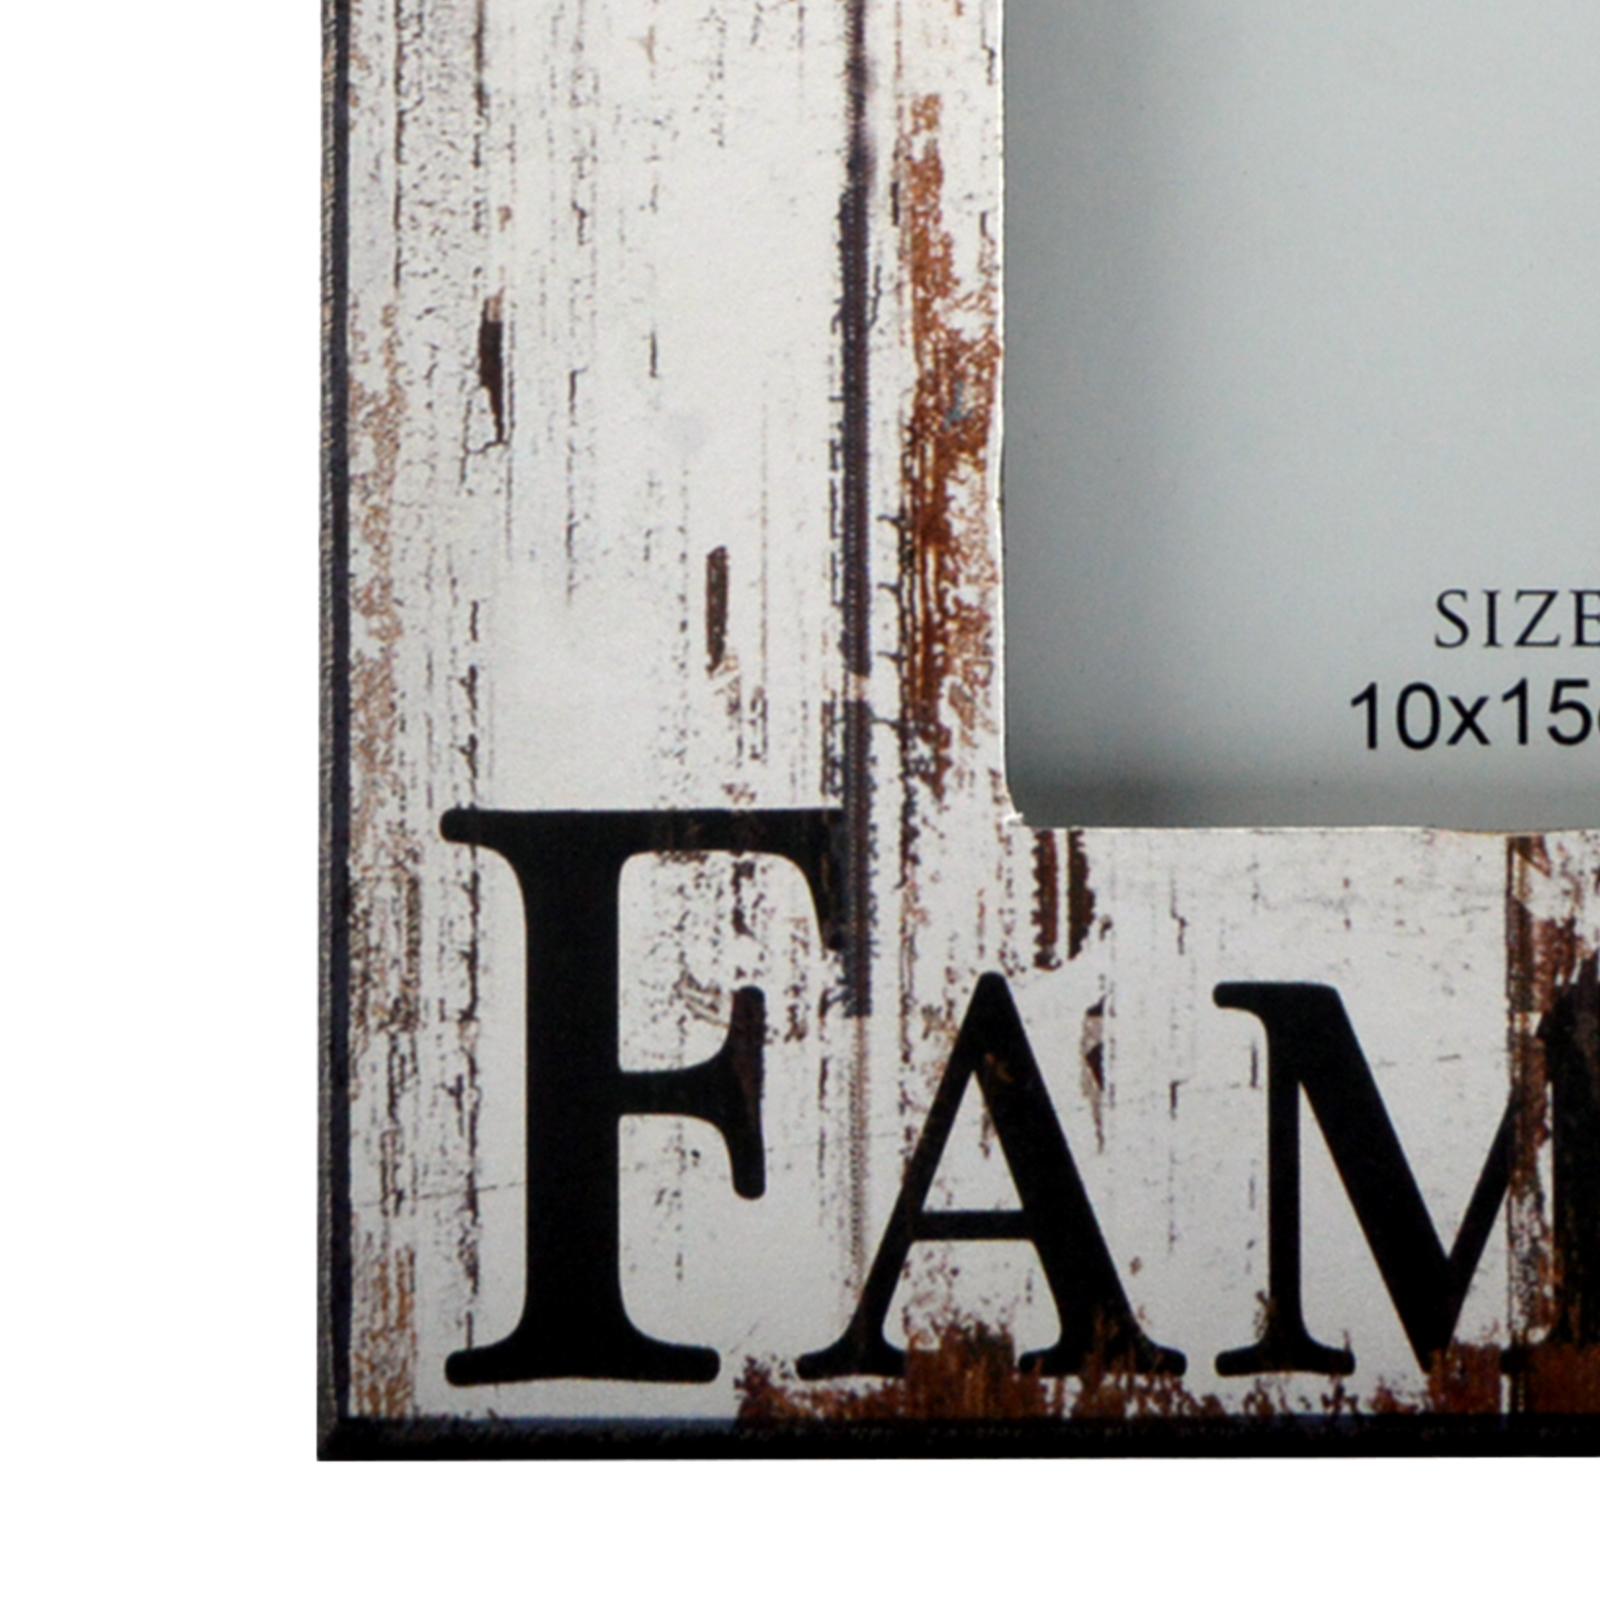 bilderrahmen 3 modelle landhausstil vintage fotorahmen. Black Bedroom Furniture Sets. Home Design Ideas